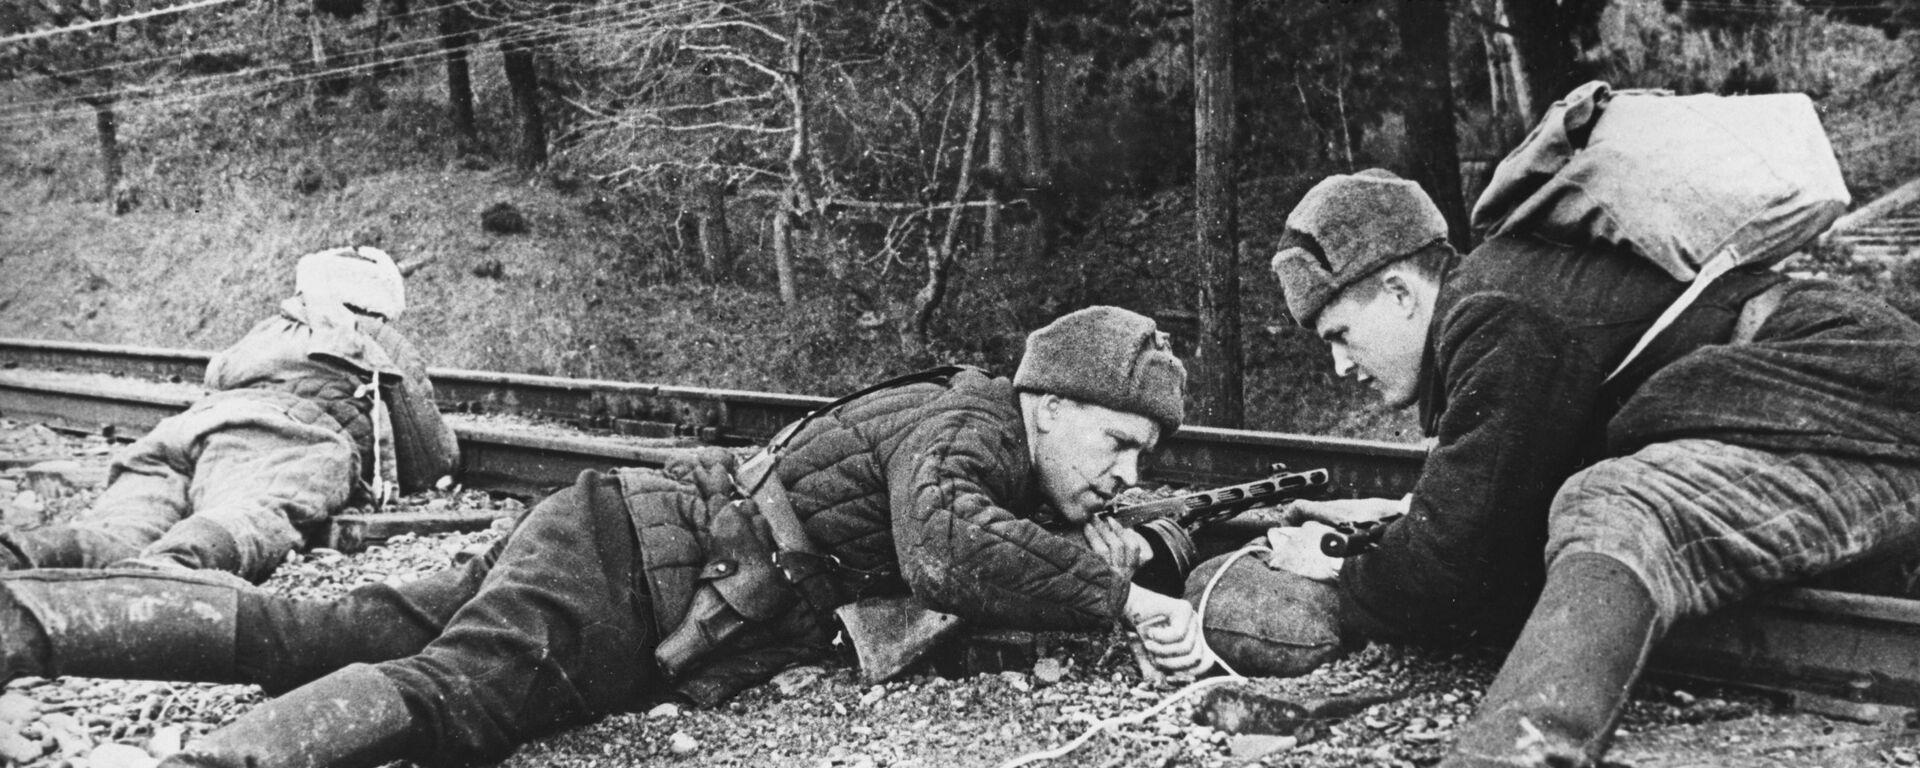 Partyzanci na Krymie, II wojna światowa - Sputnik Polska, 1920, 30.06.2021